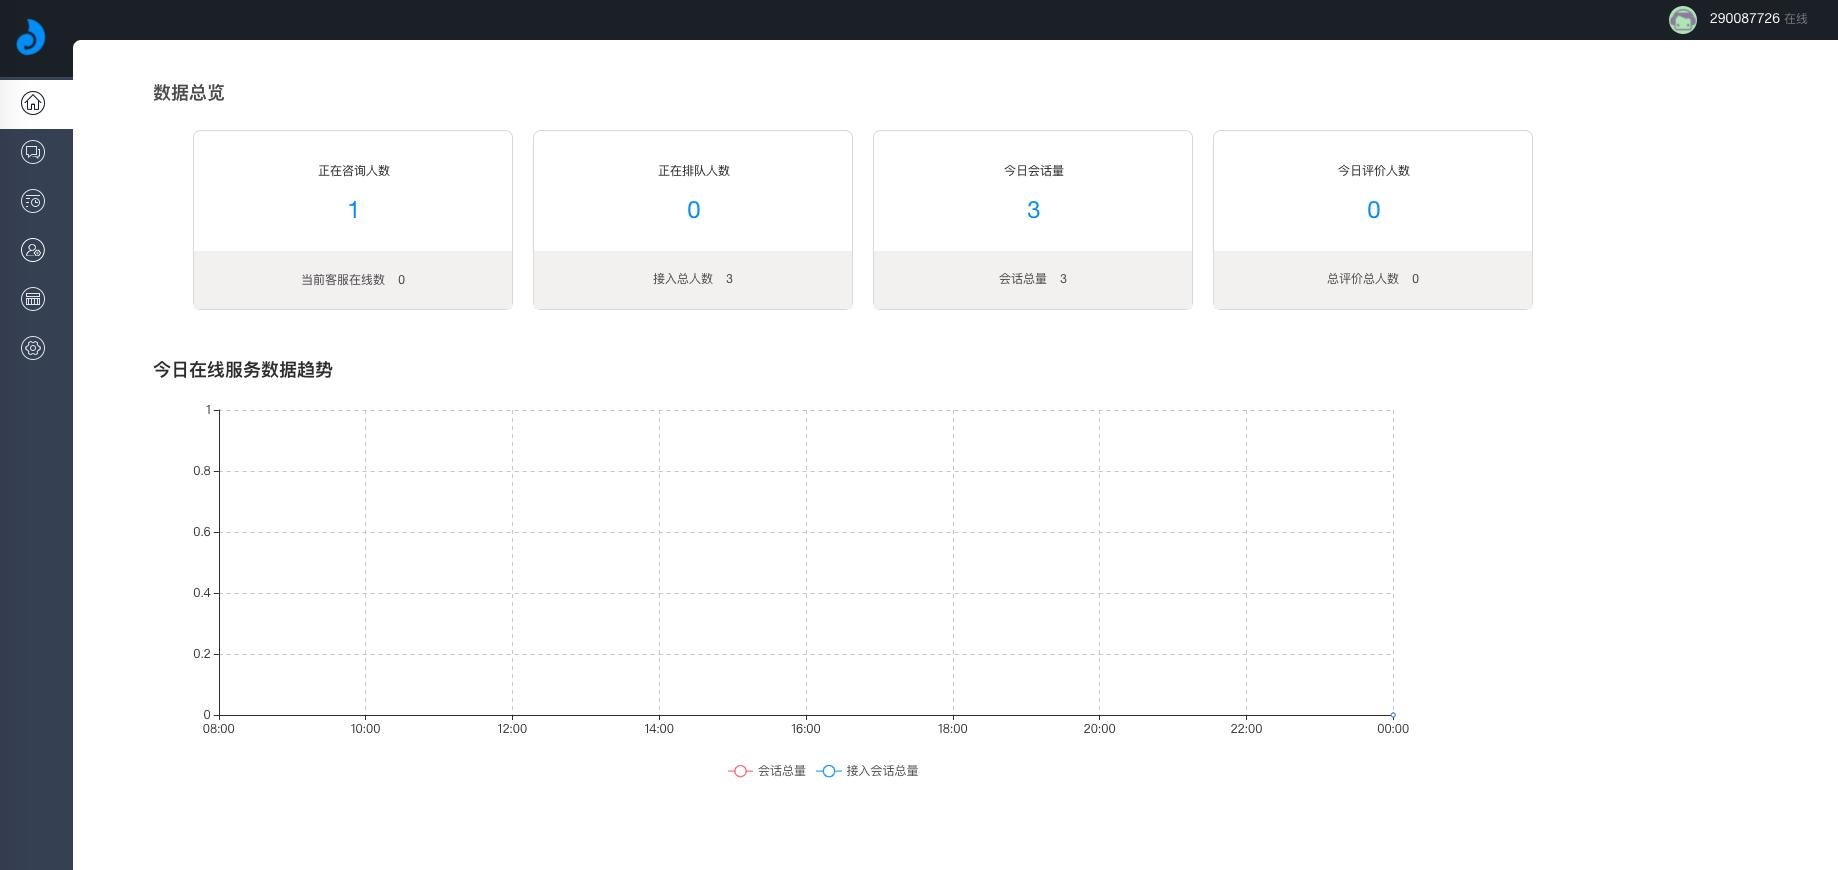 【亲测源码】【视频教程】 Thinphp在线客服系统商家跨平台连接无尽在线客服系统适用PC+WAP+微信公众号+视频教程插图1